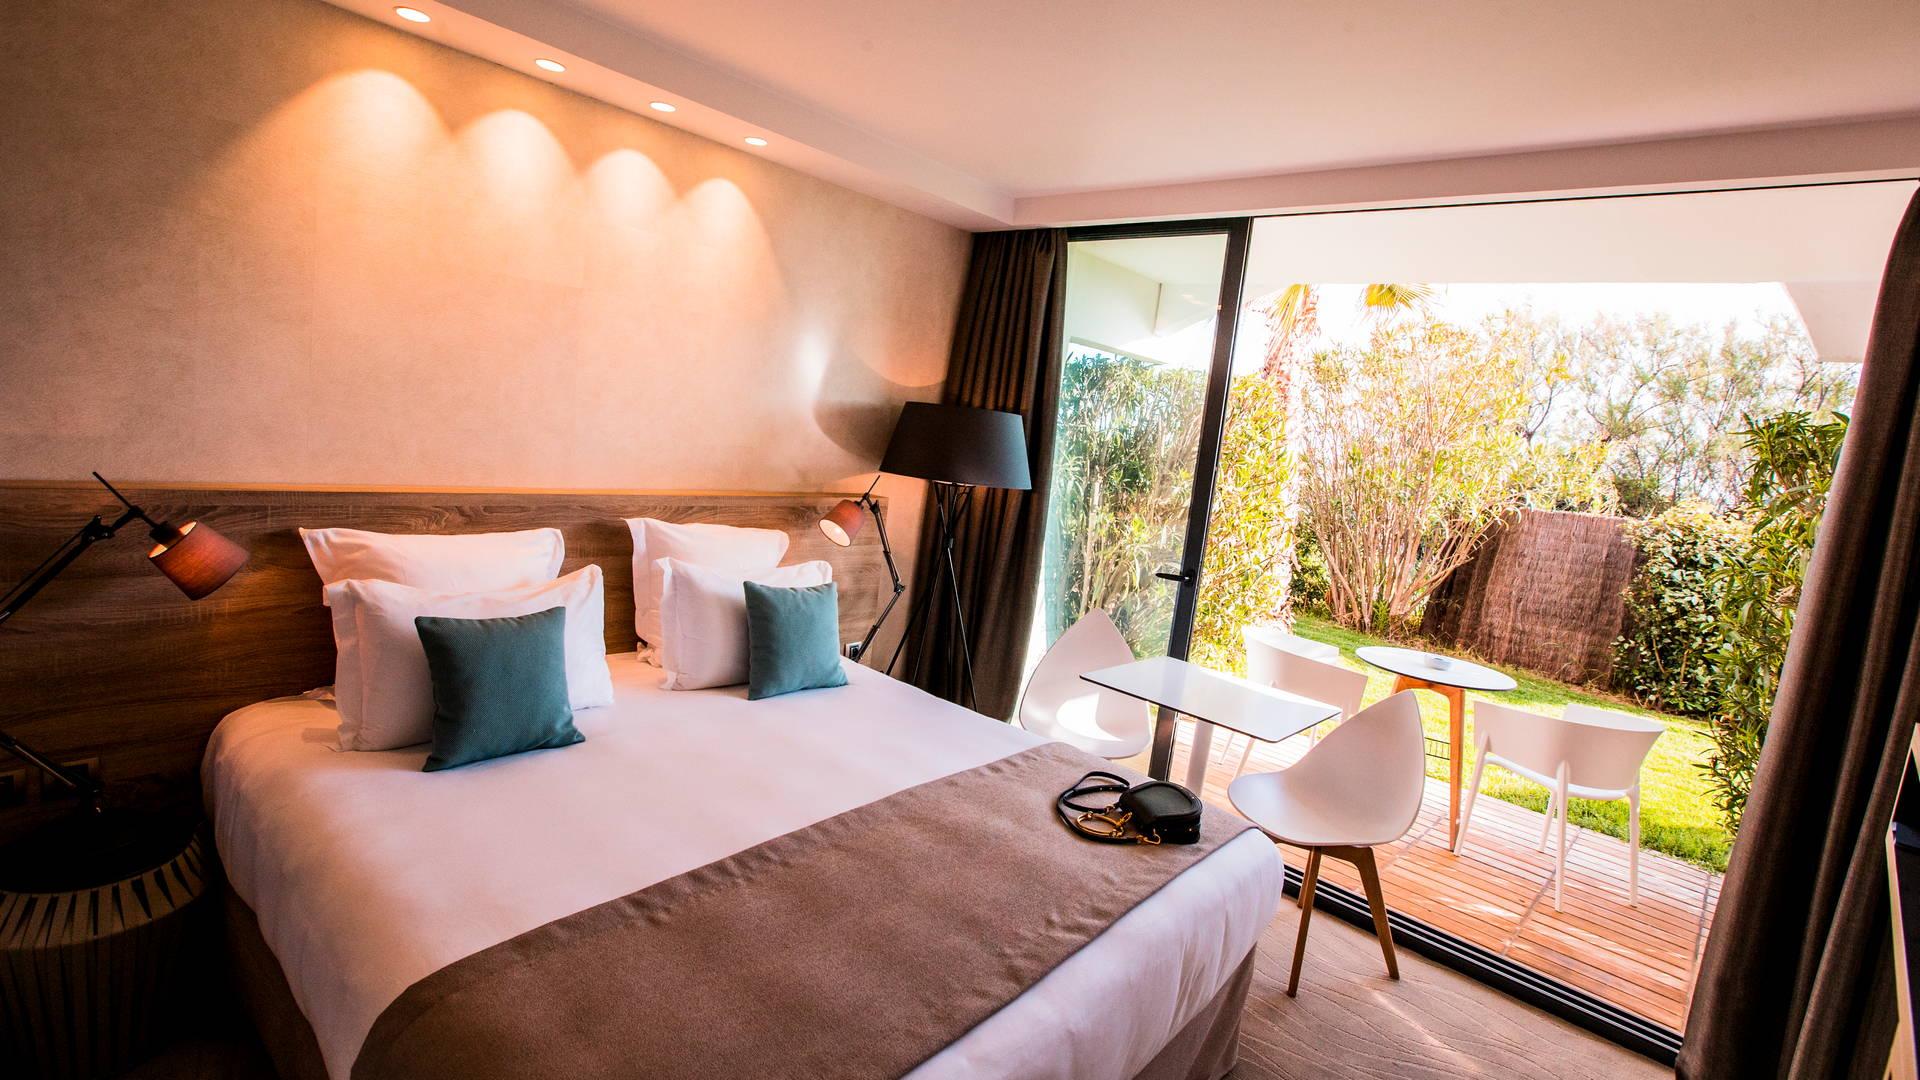 Jardin privé de notre chambre classique avec lit double, hôtel de charme bord de mer, Hôtel La Plage.